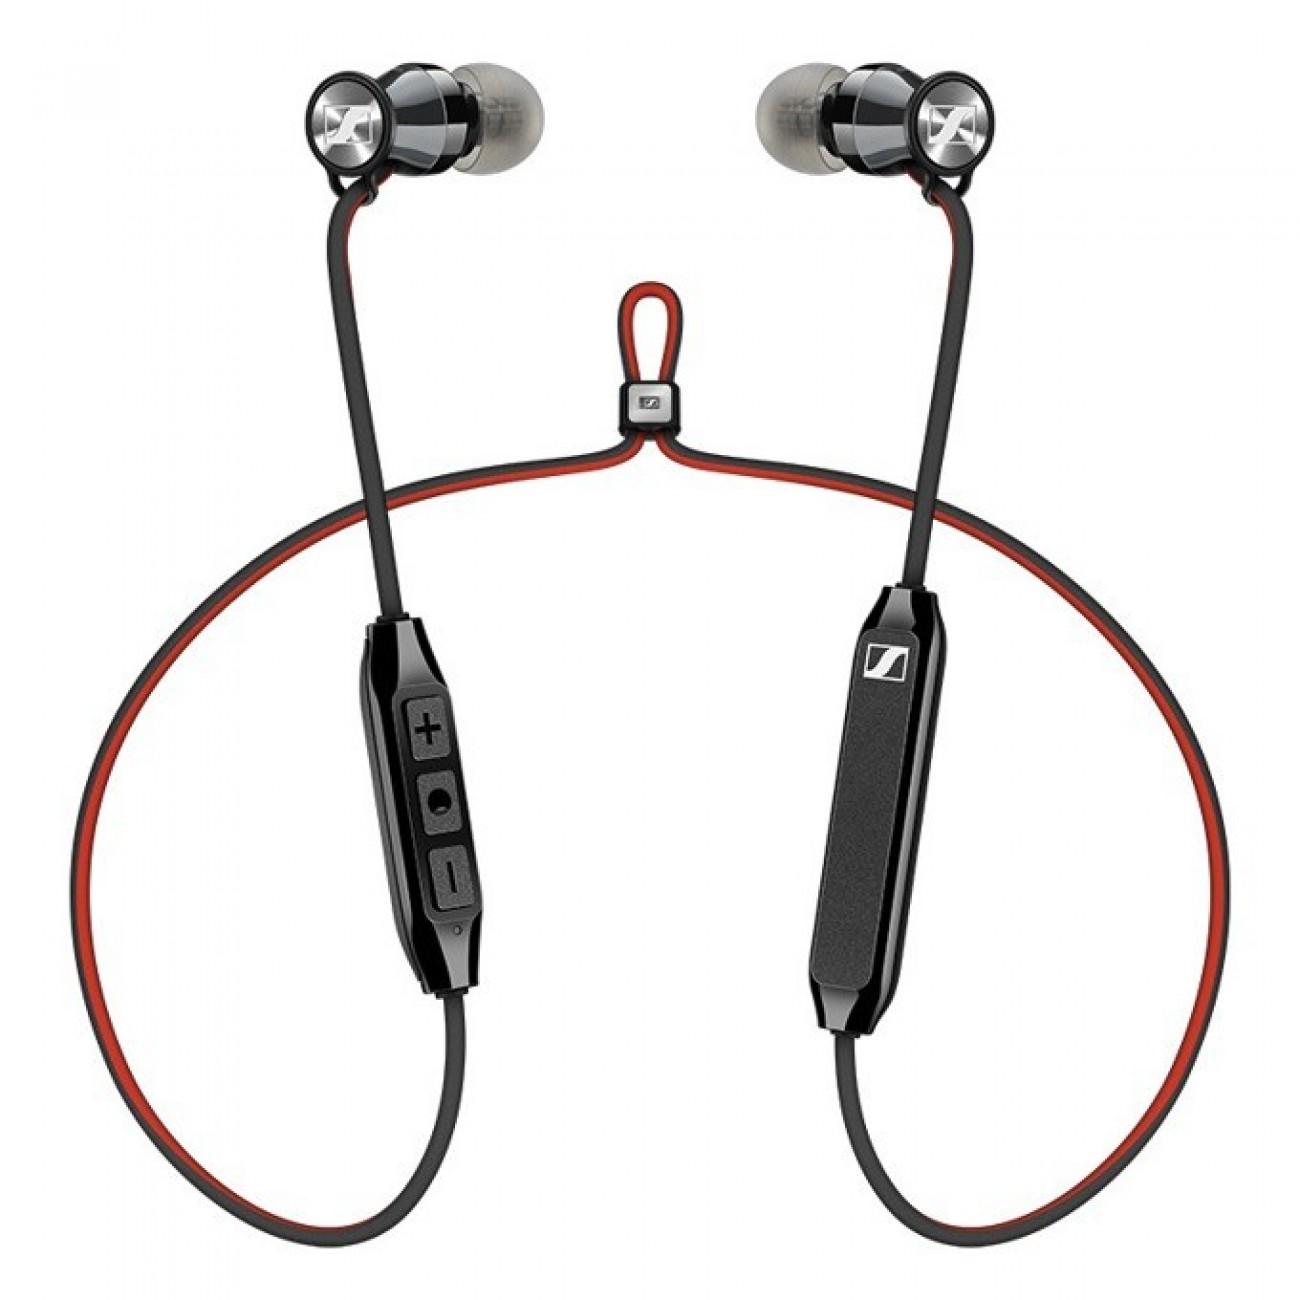 Слушалки Sennheiser Momentum Free In-Ear, микрофон, безжични, 15-22000Hz честотен диапазон, черни в Слушалки -  | Alleop